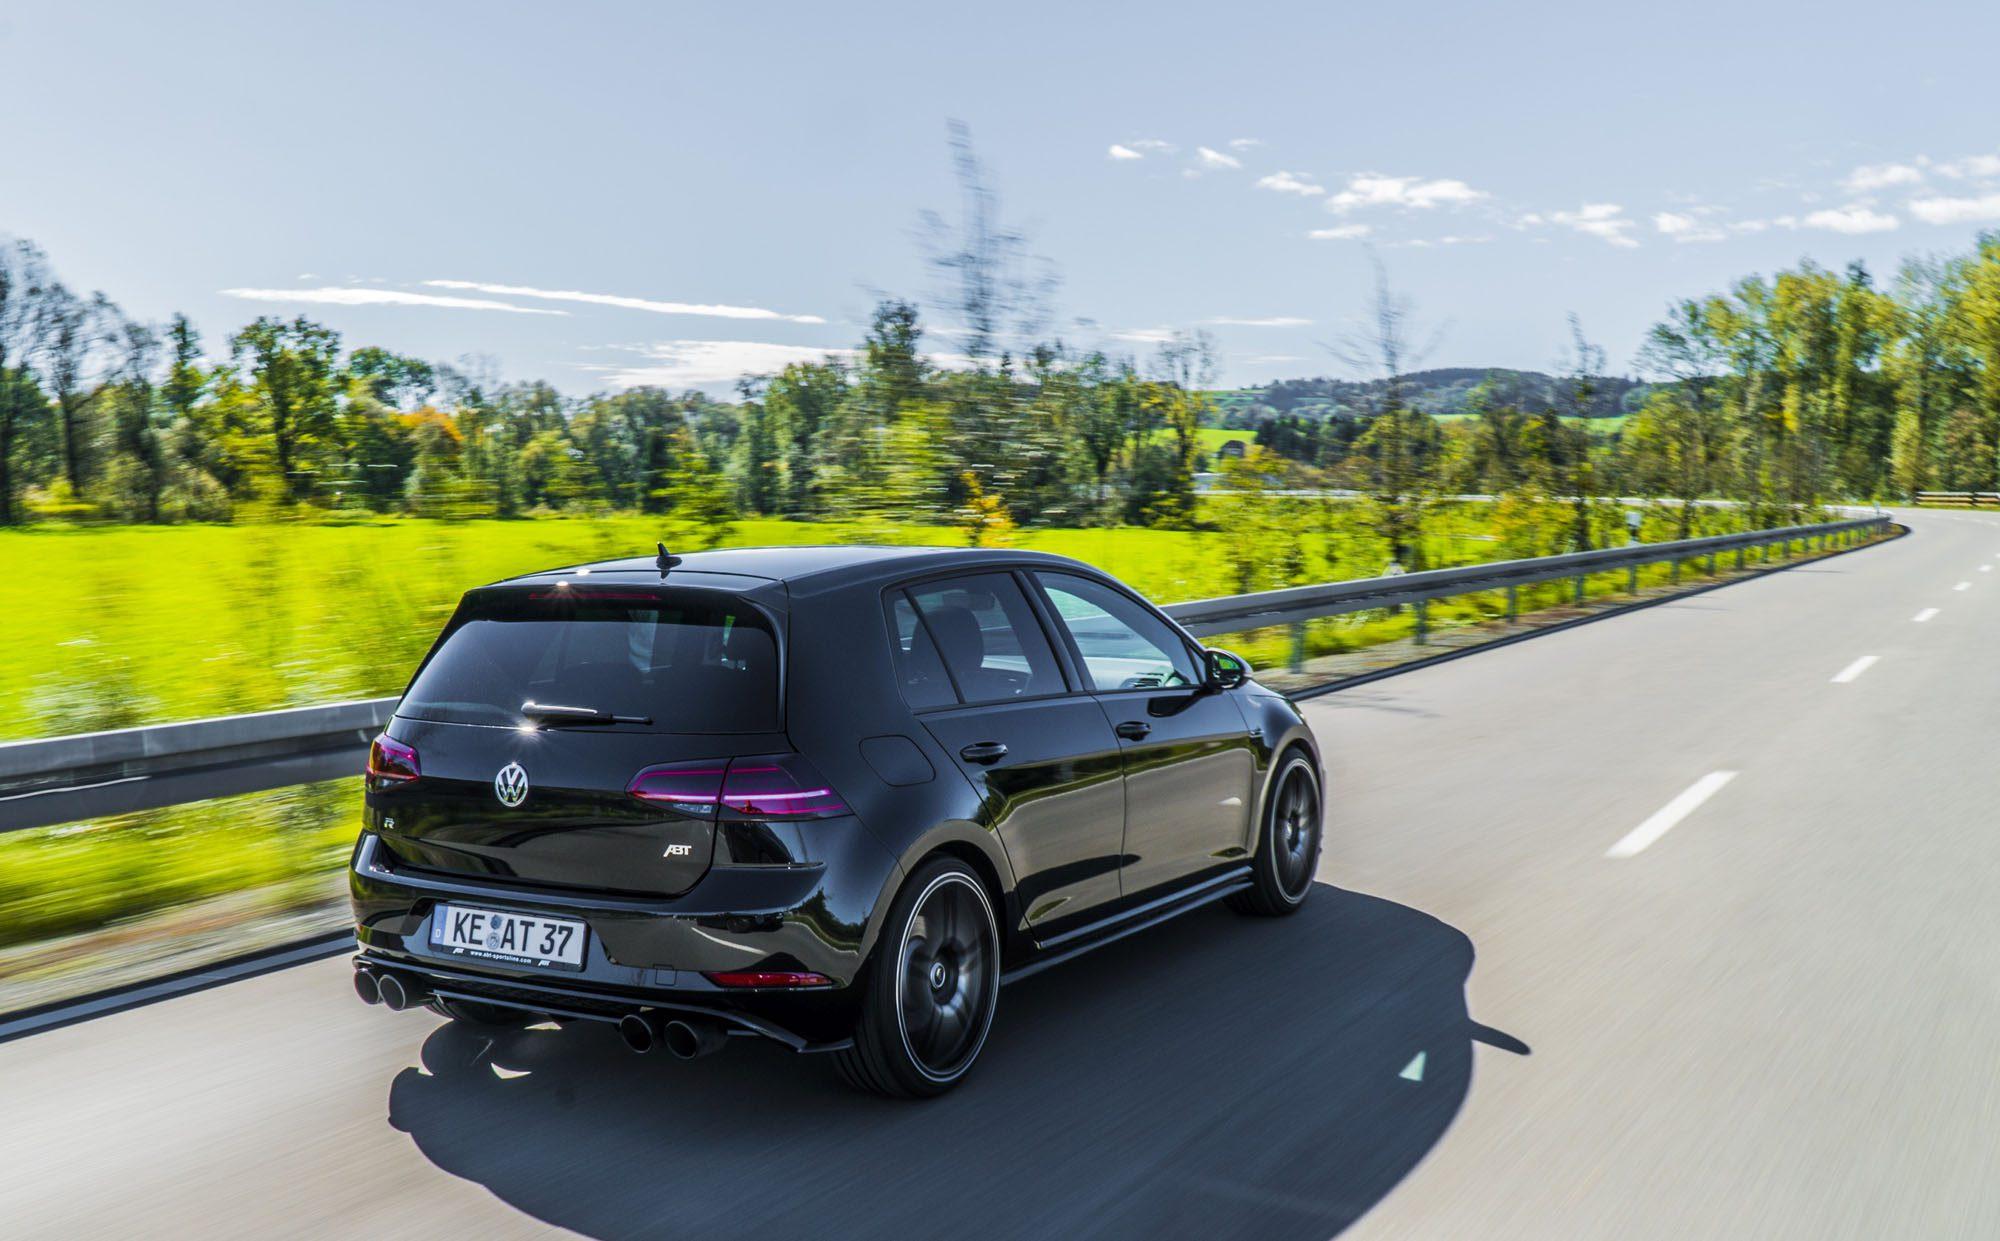 Der VW Golf 7 R Facelift von ABT Sportsline auf der Landstraße